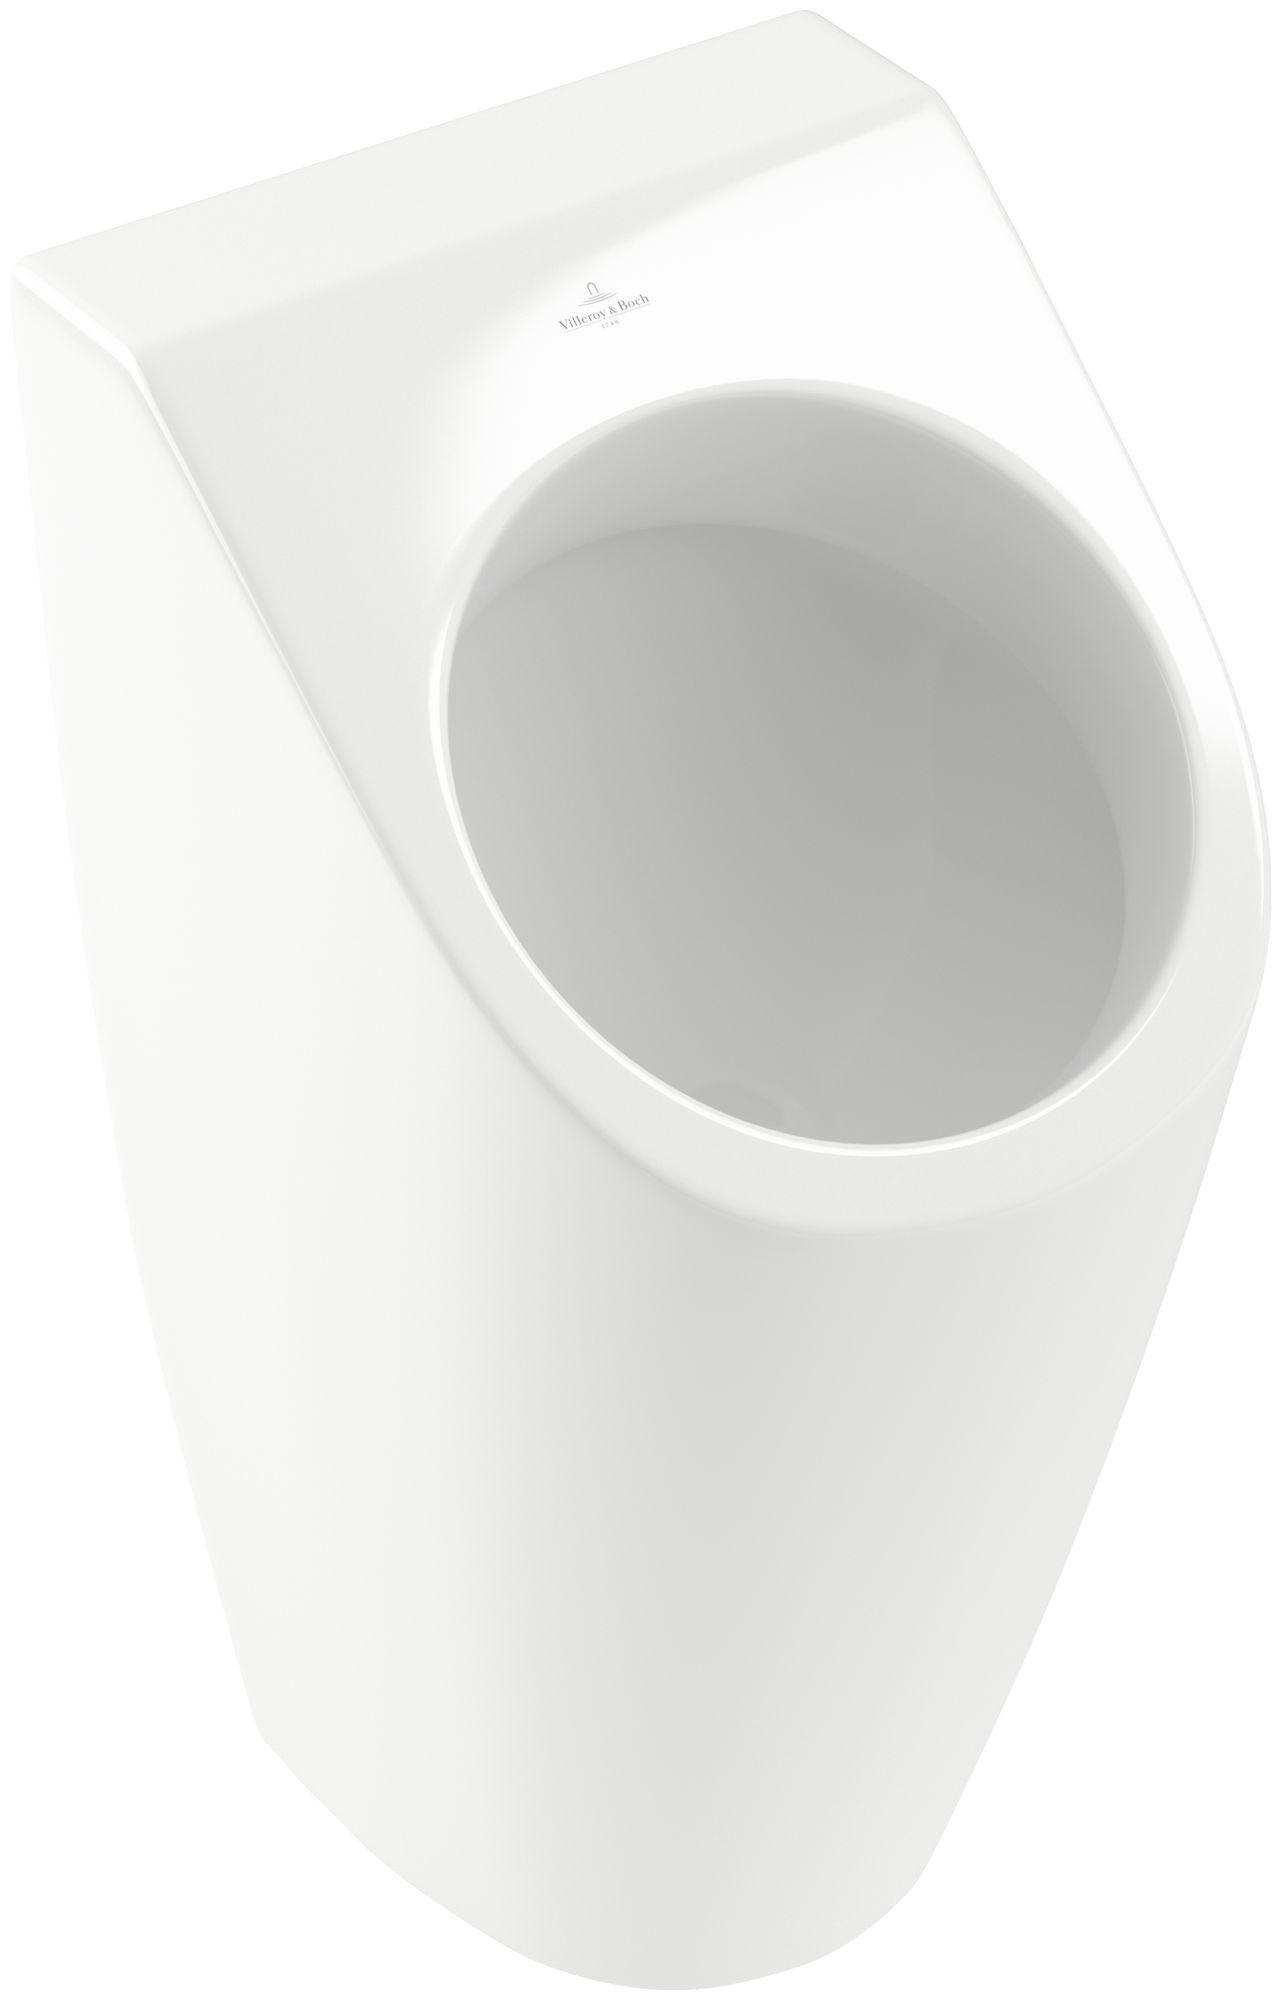 Villeroy & Boch Architectura Urinal ohne Deckel Zu- und Ablauf verdeckt 325x680x355mm weiß ceramicplus 558600R1